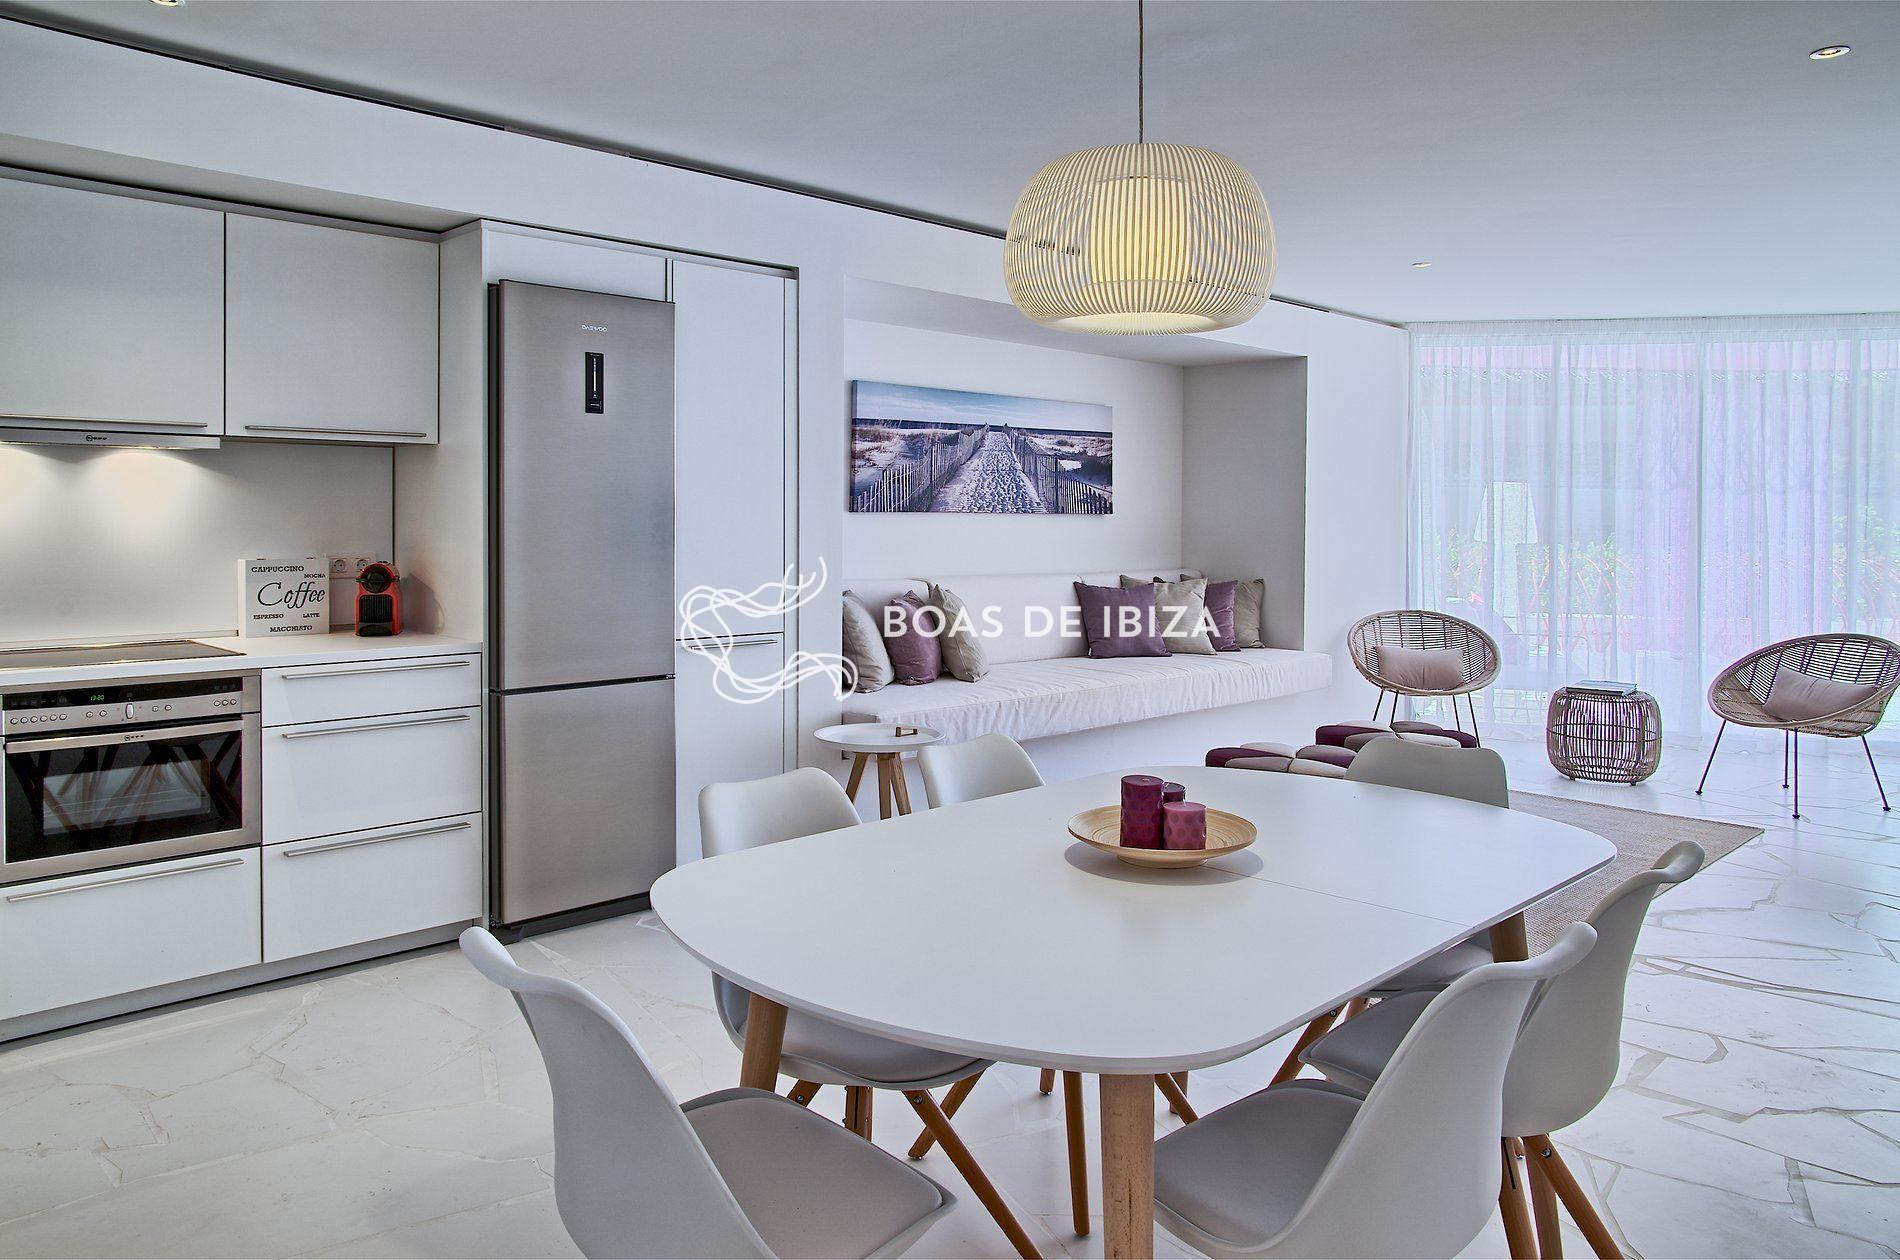 Apartment portulaca boas de ibiza for Cocina 13 metros cuadrados